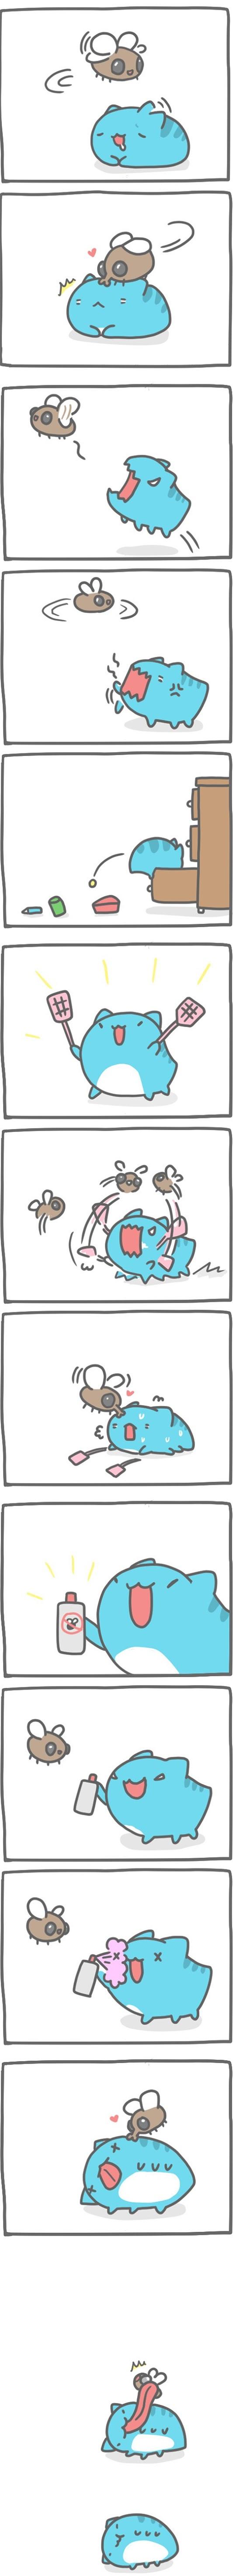 Truyện Mìn Lèo #135: Chuyện ruồi bu